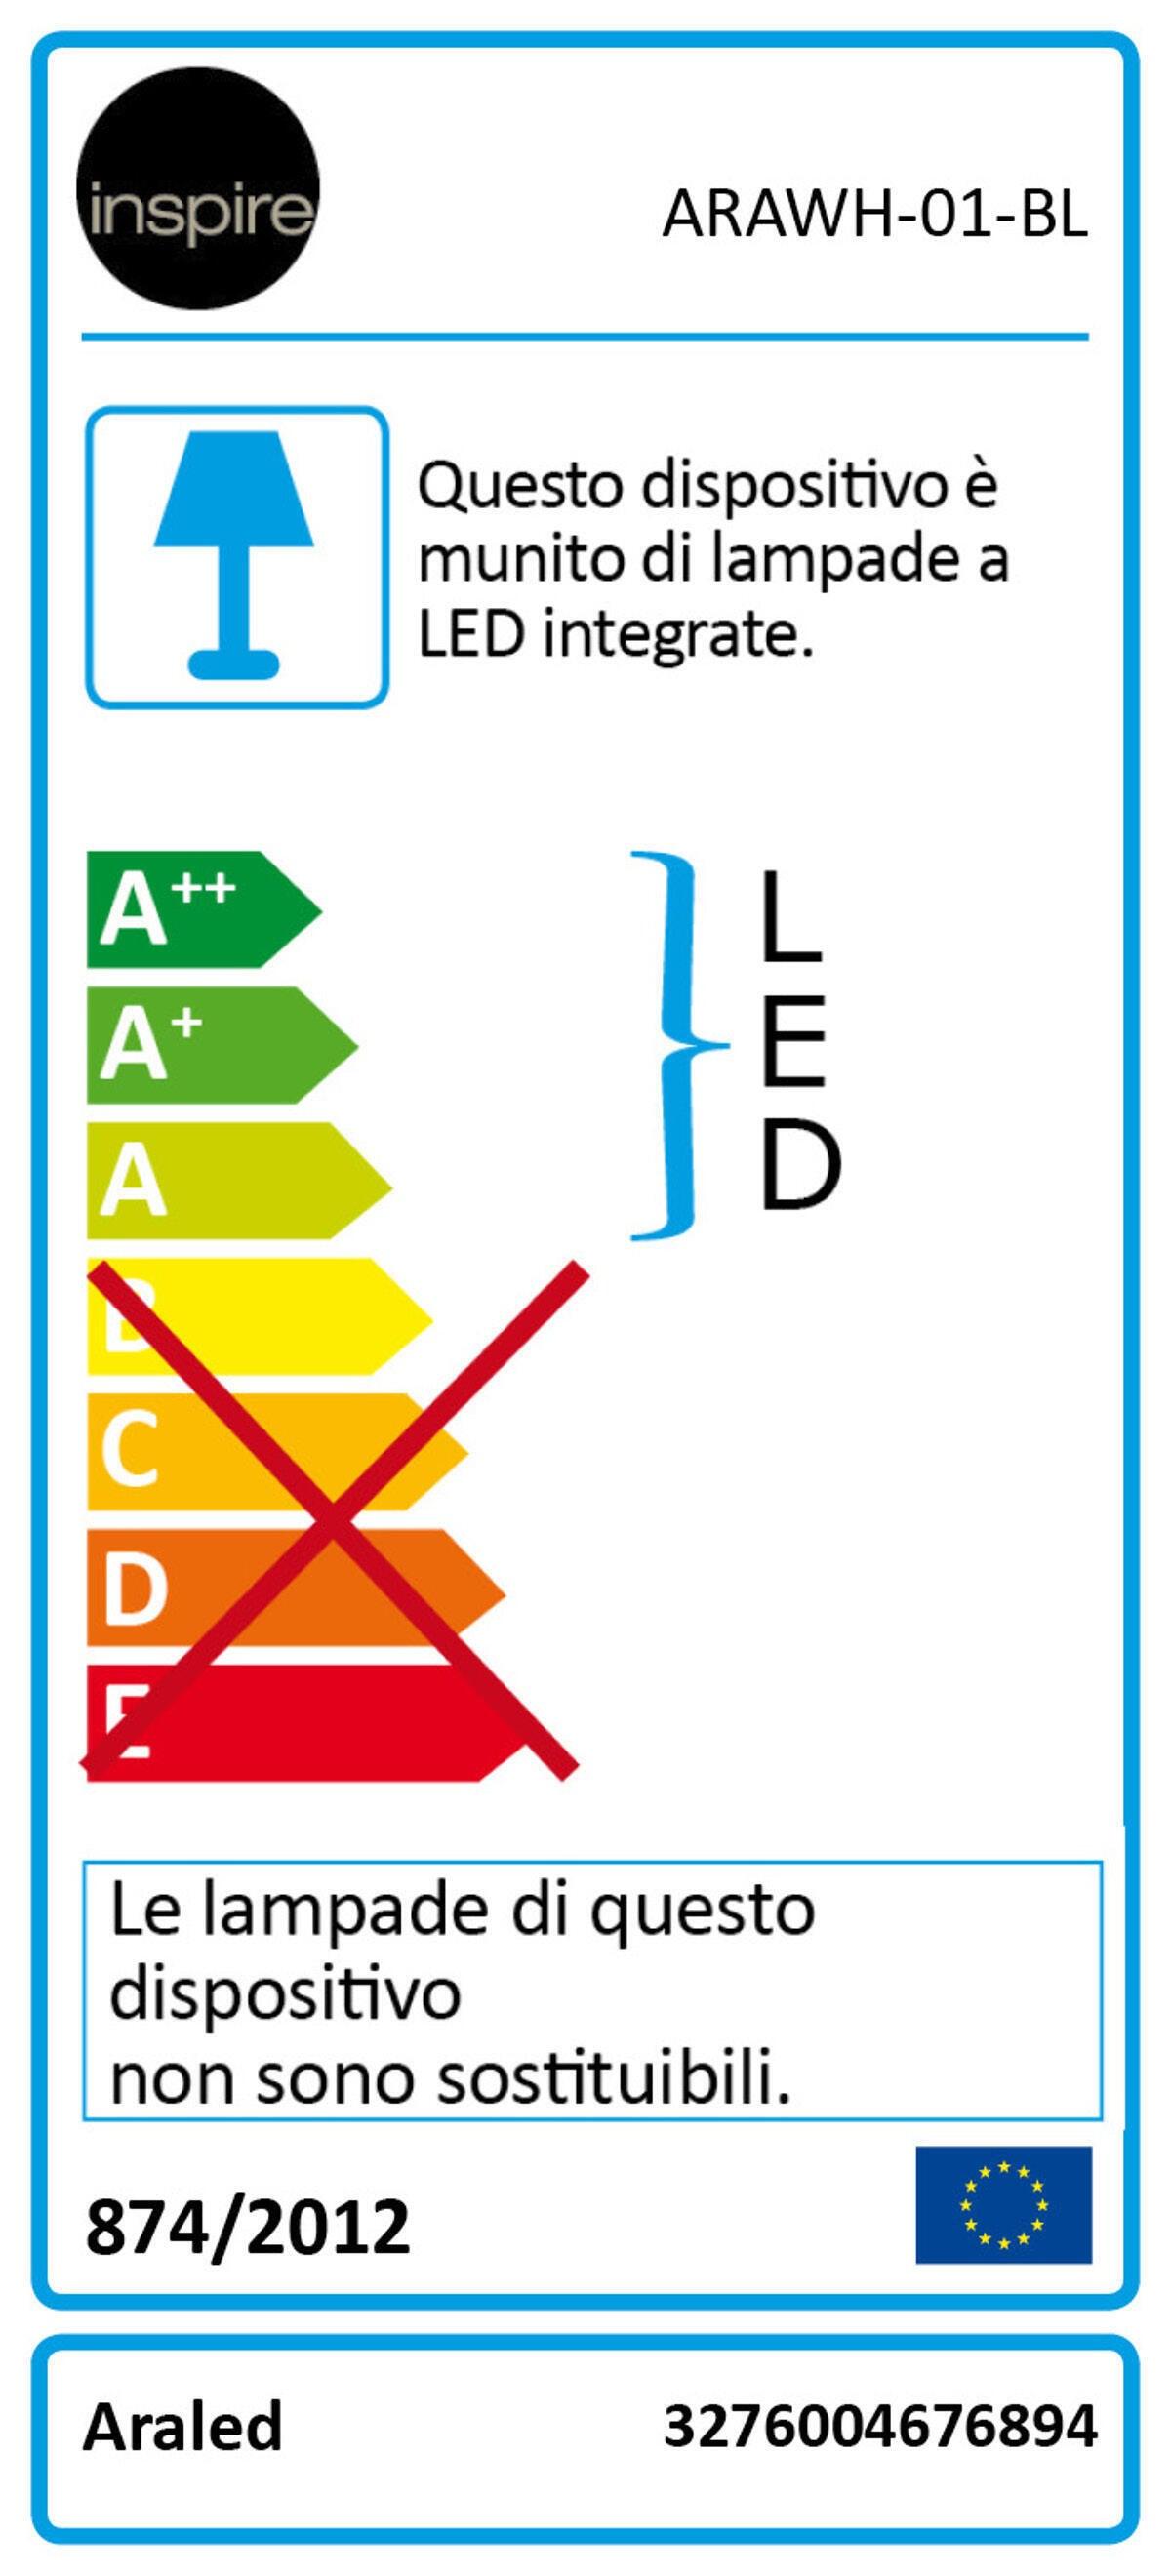 Faretto a pinza Araled azzurro, in acciaio, LED integrato 1.5W IP20 INSPIRE - 2